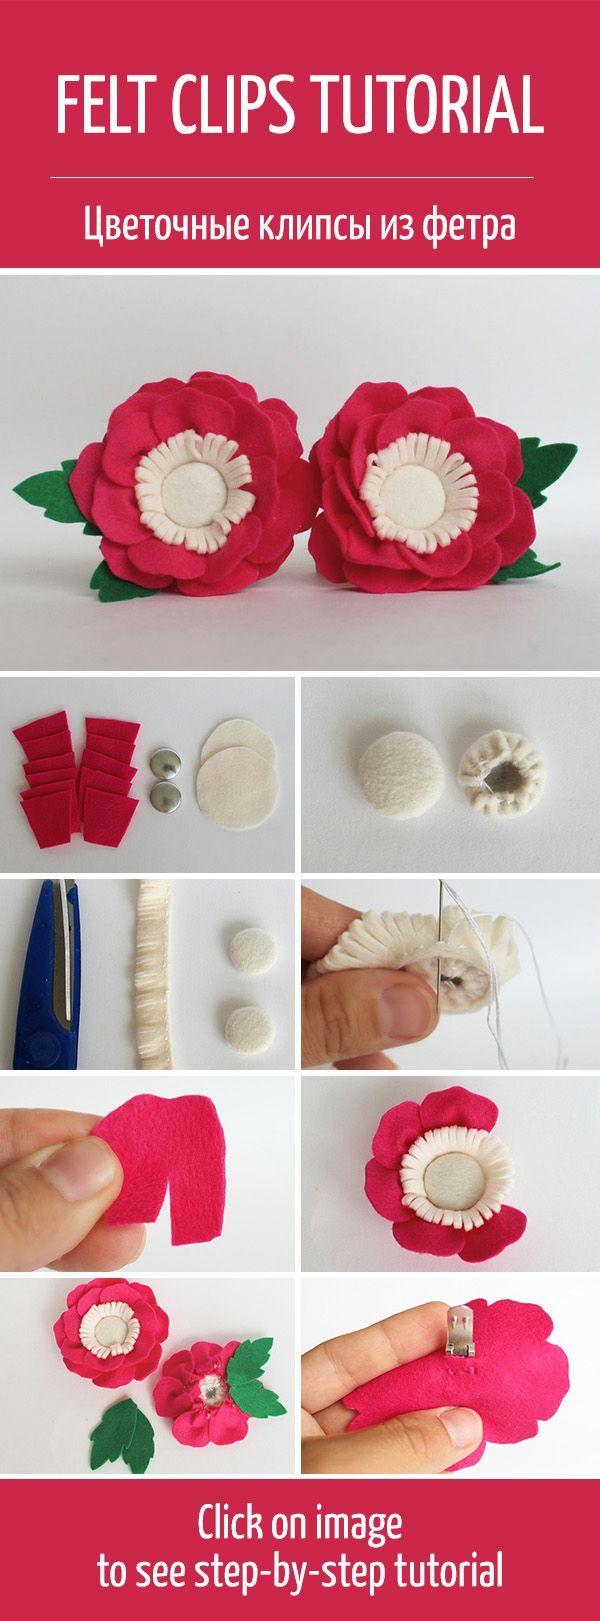 how to make flower felt clips for a girl / Делаем универсальные